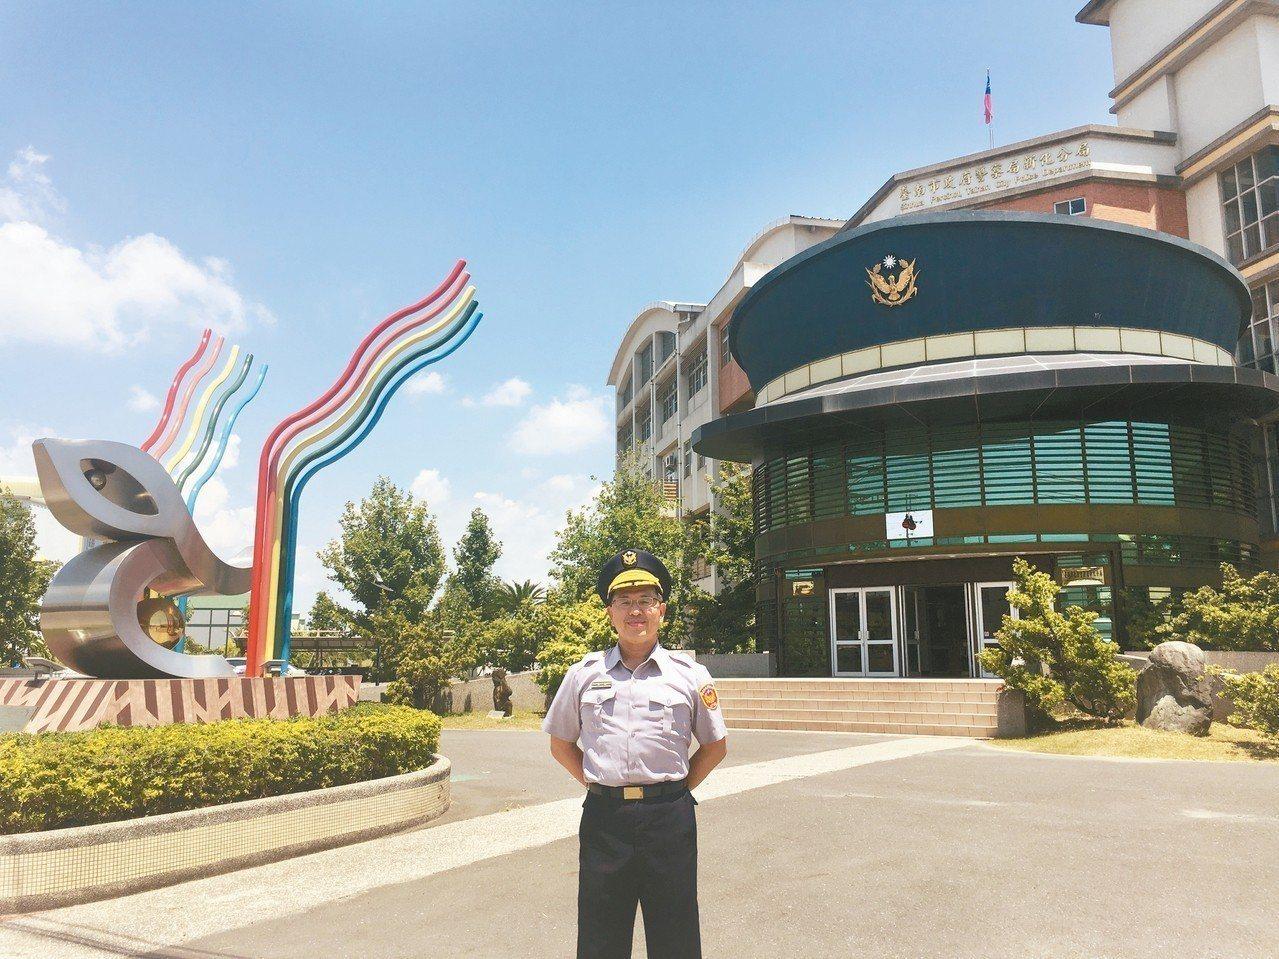 台南市新化警分局「警帽」造型,成了最吸客的打卡景點,最近重新粉刷煥然一新。 記者...